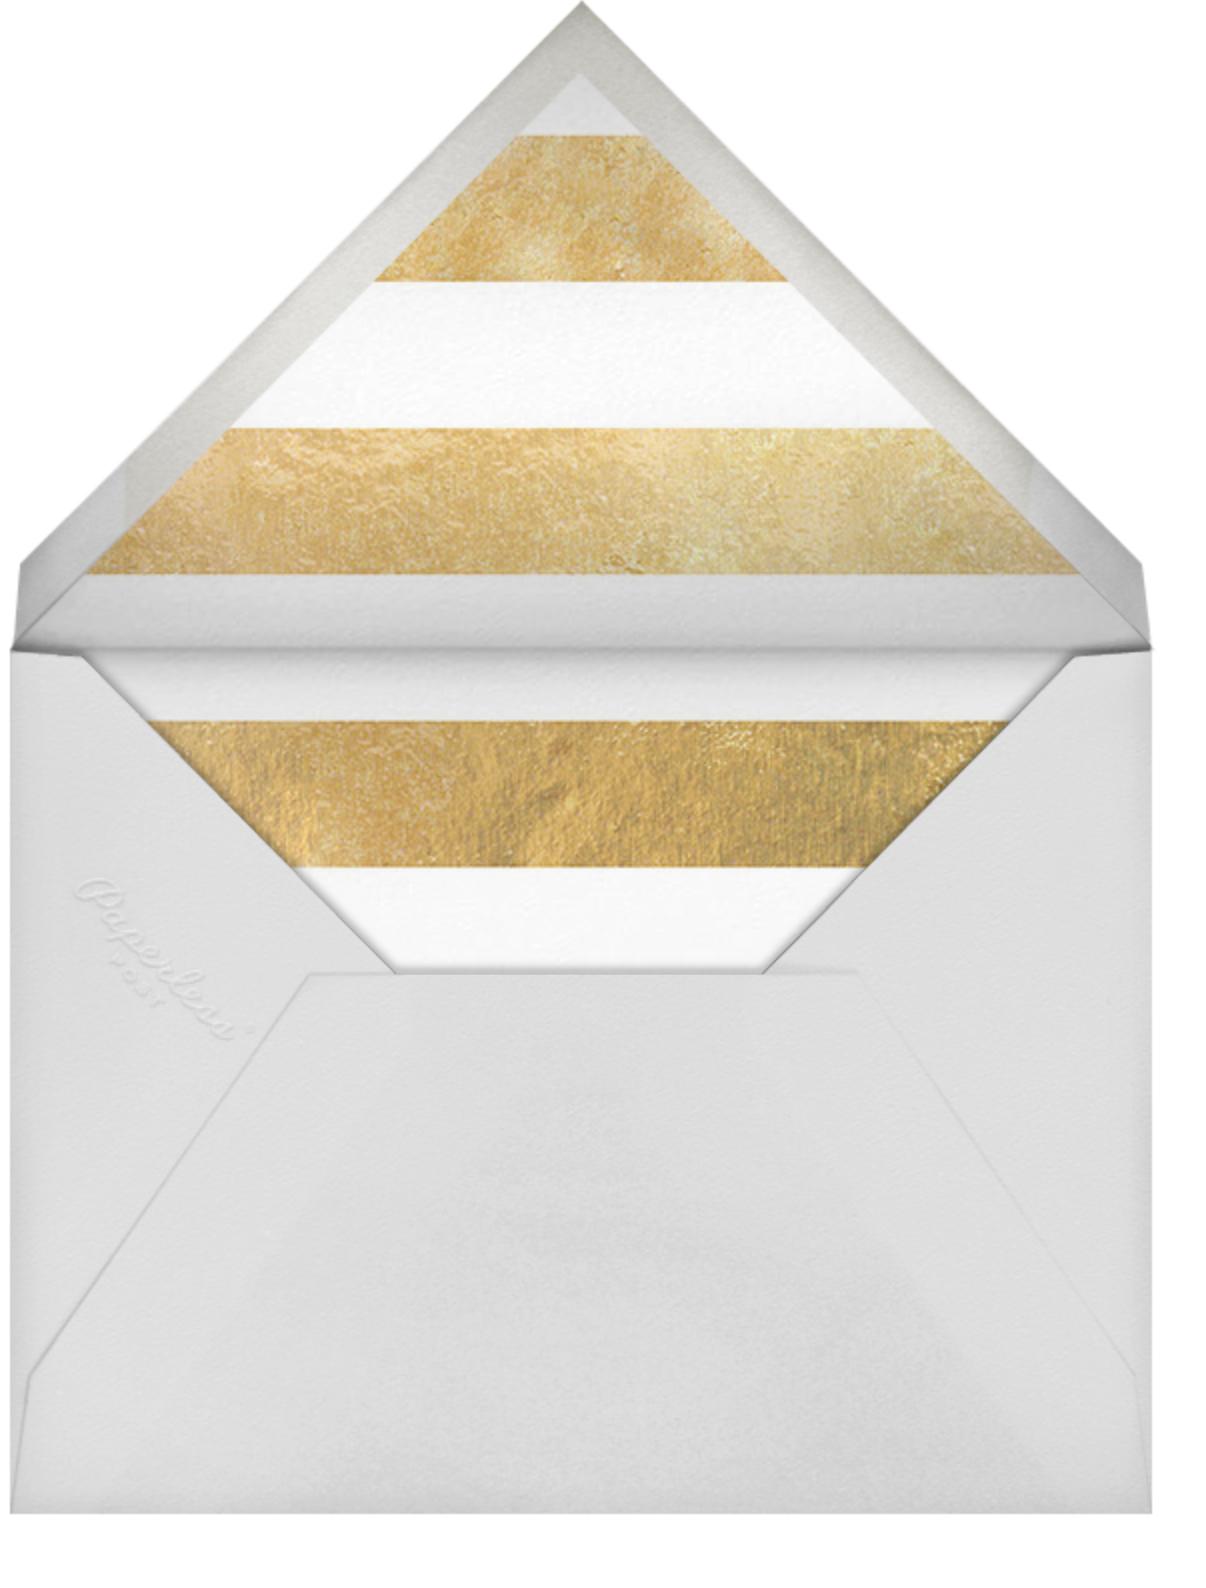 Stripe Suite (Stationery) - Gold - kate spade new york - General - envelope back